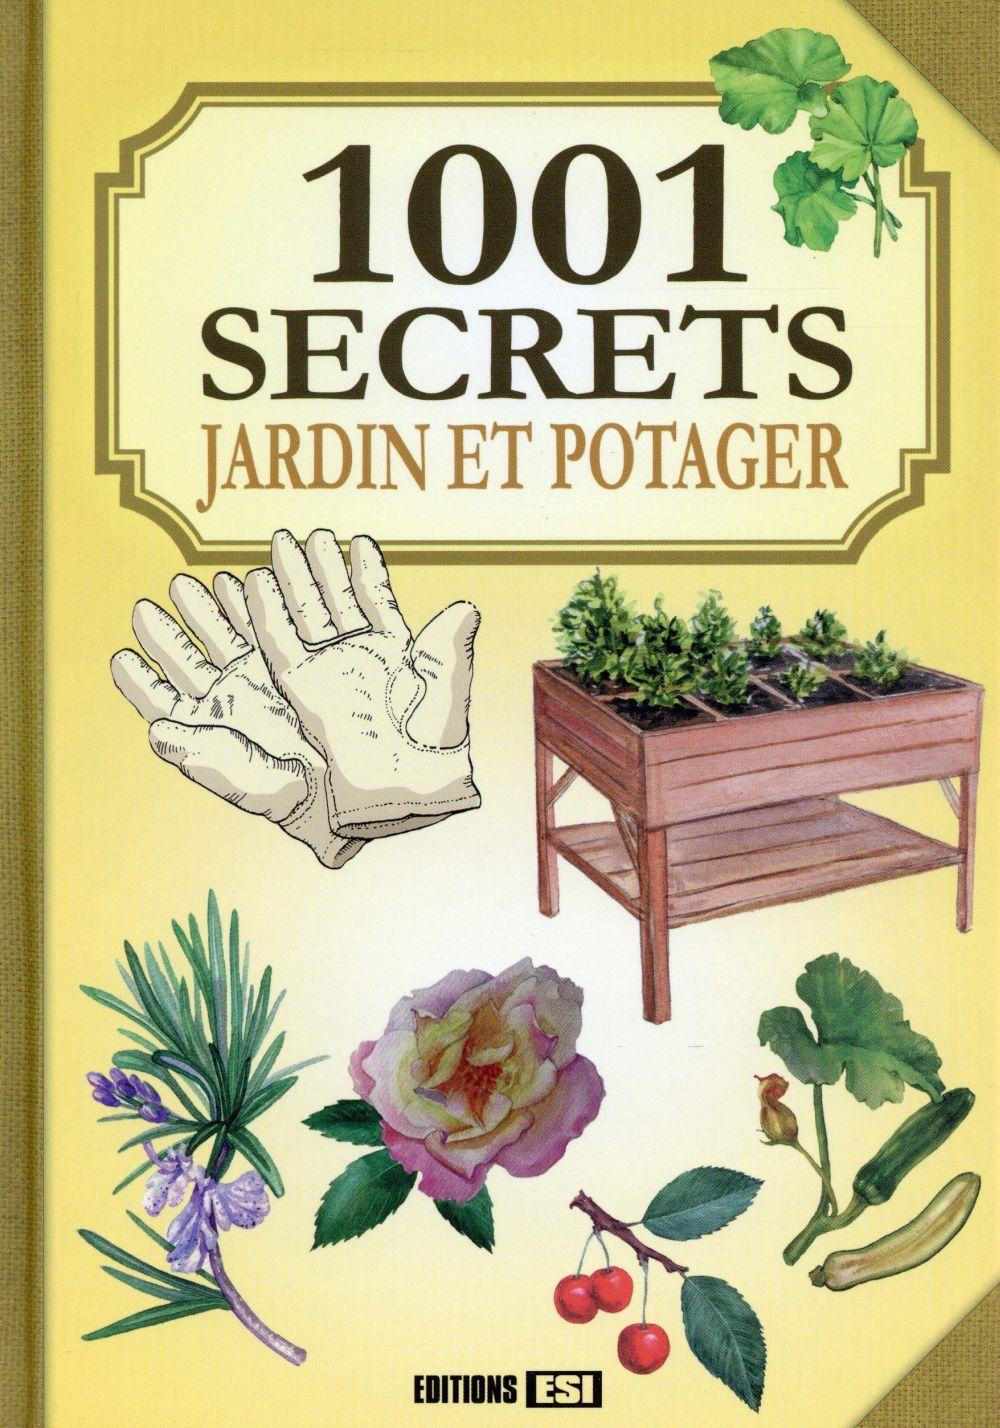 1001 secrets ; jardin et potager